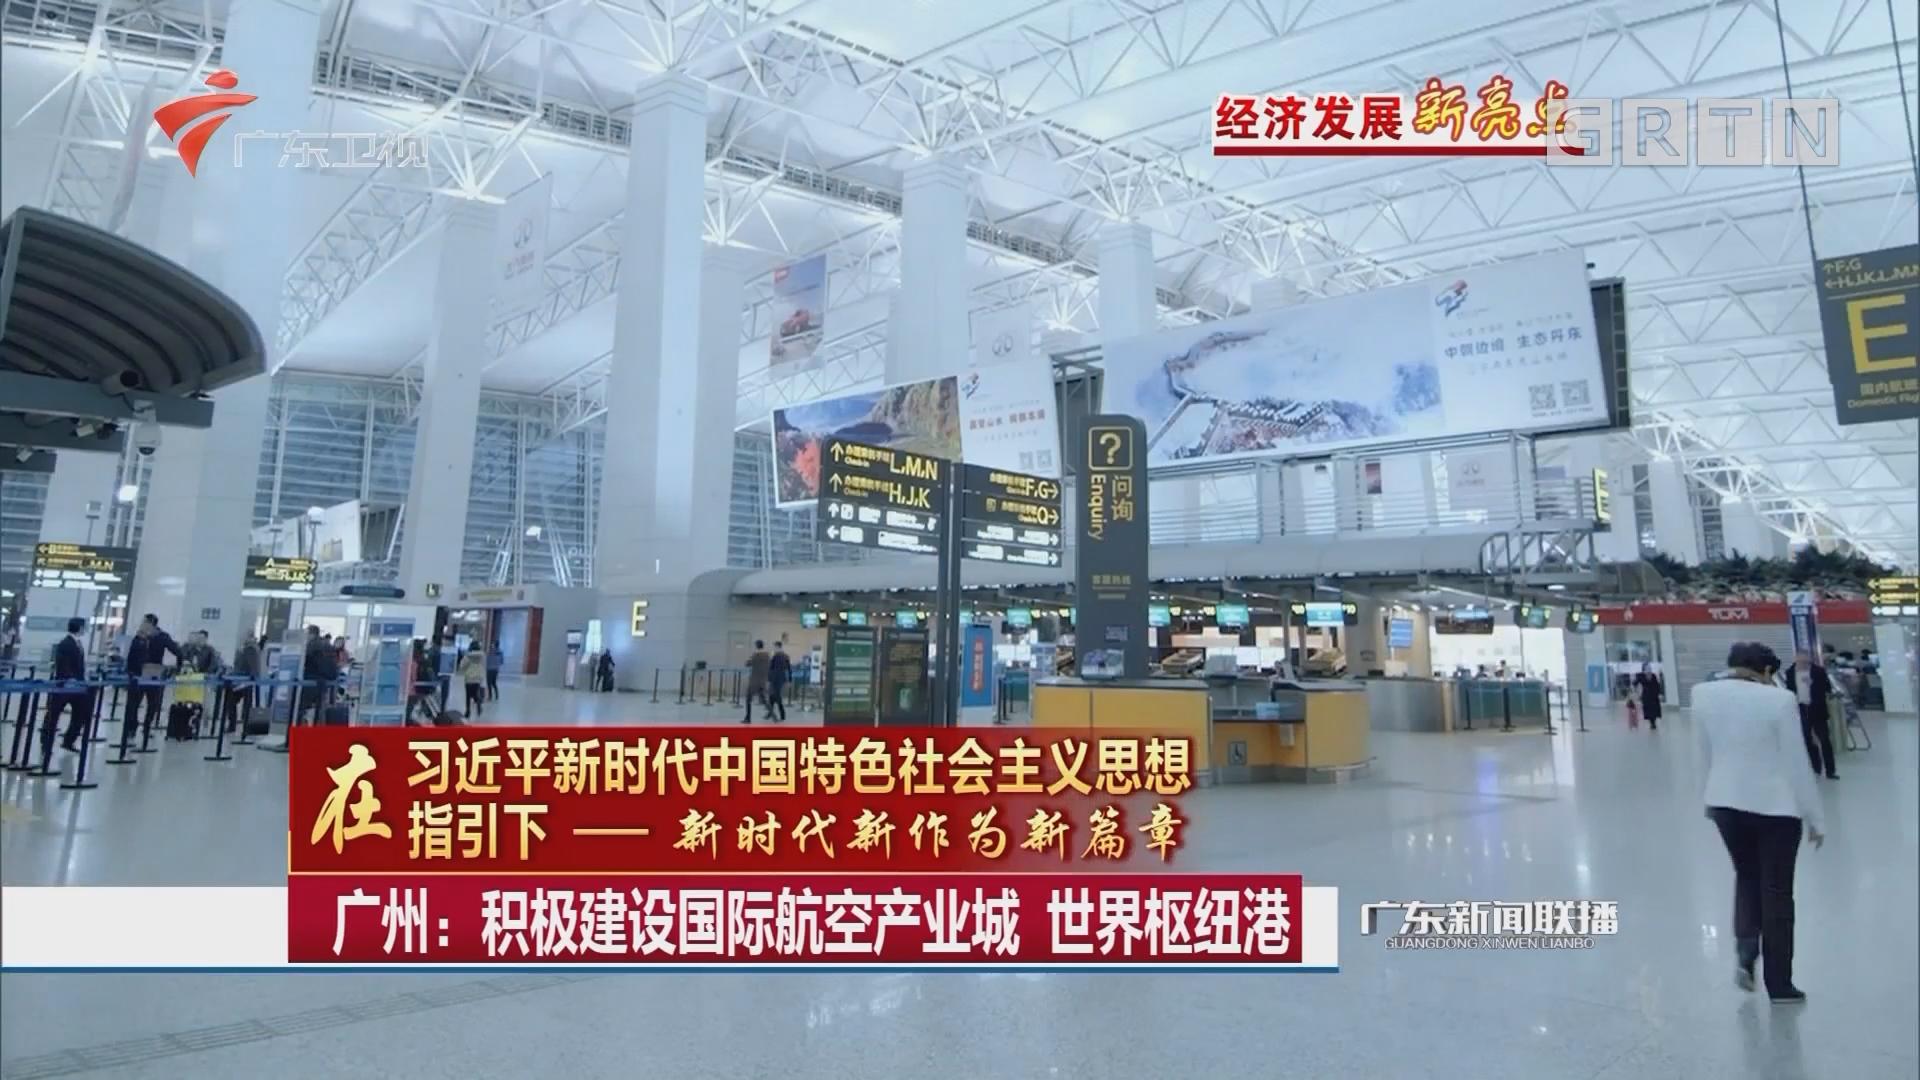 广州:积极建设国际航空产业城 世界枢纽港